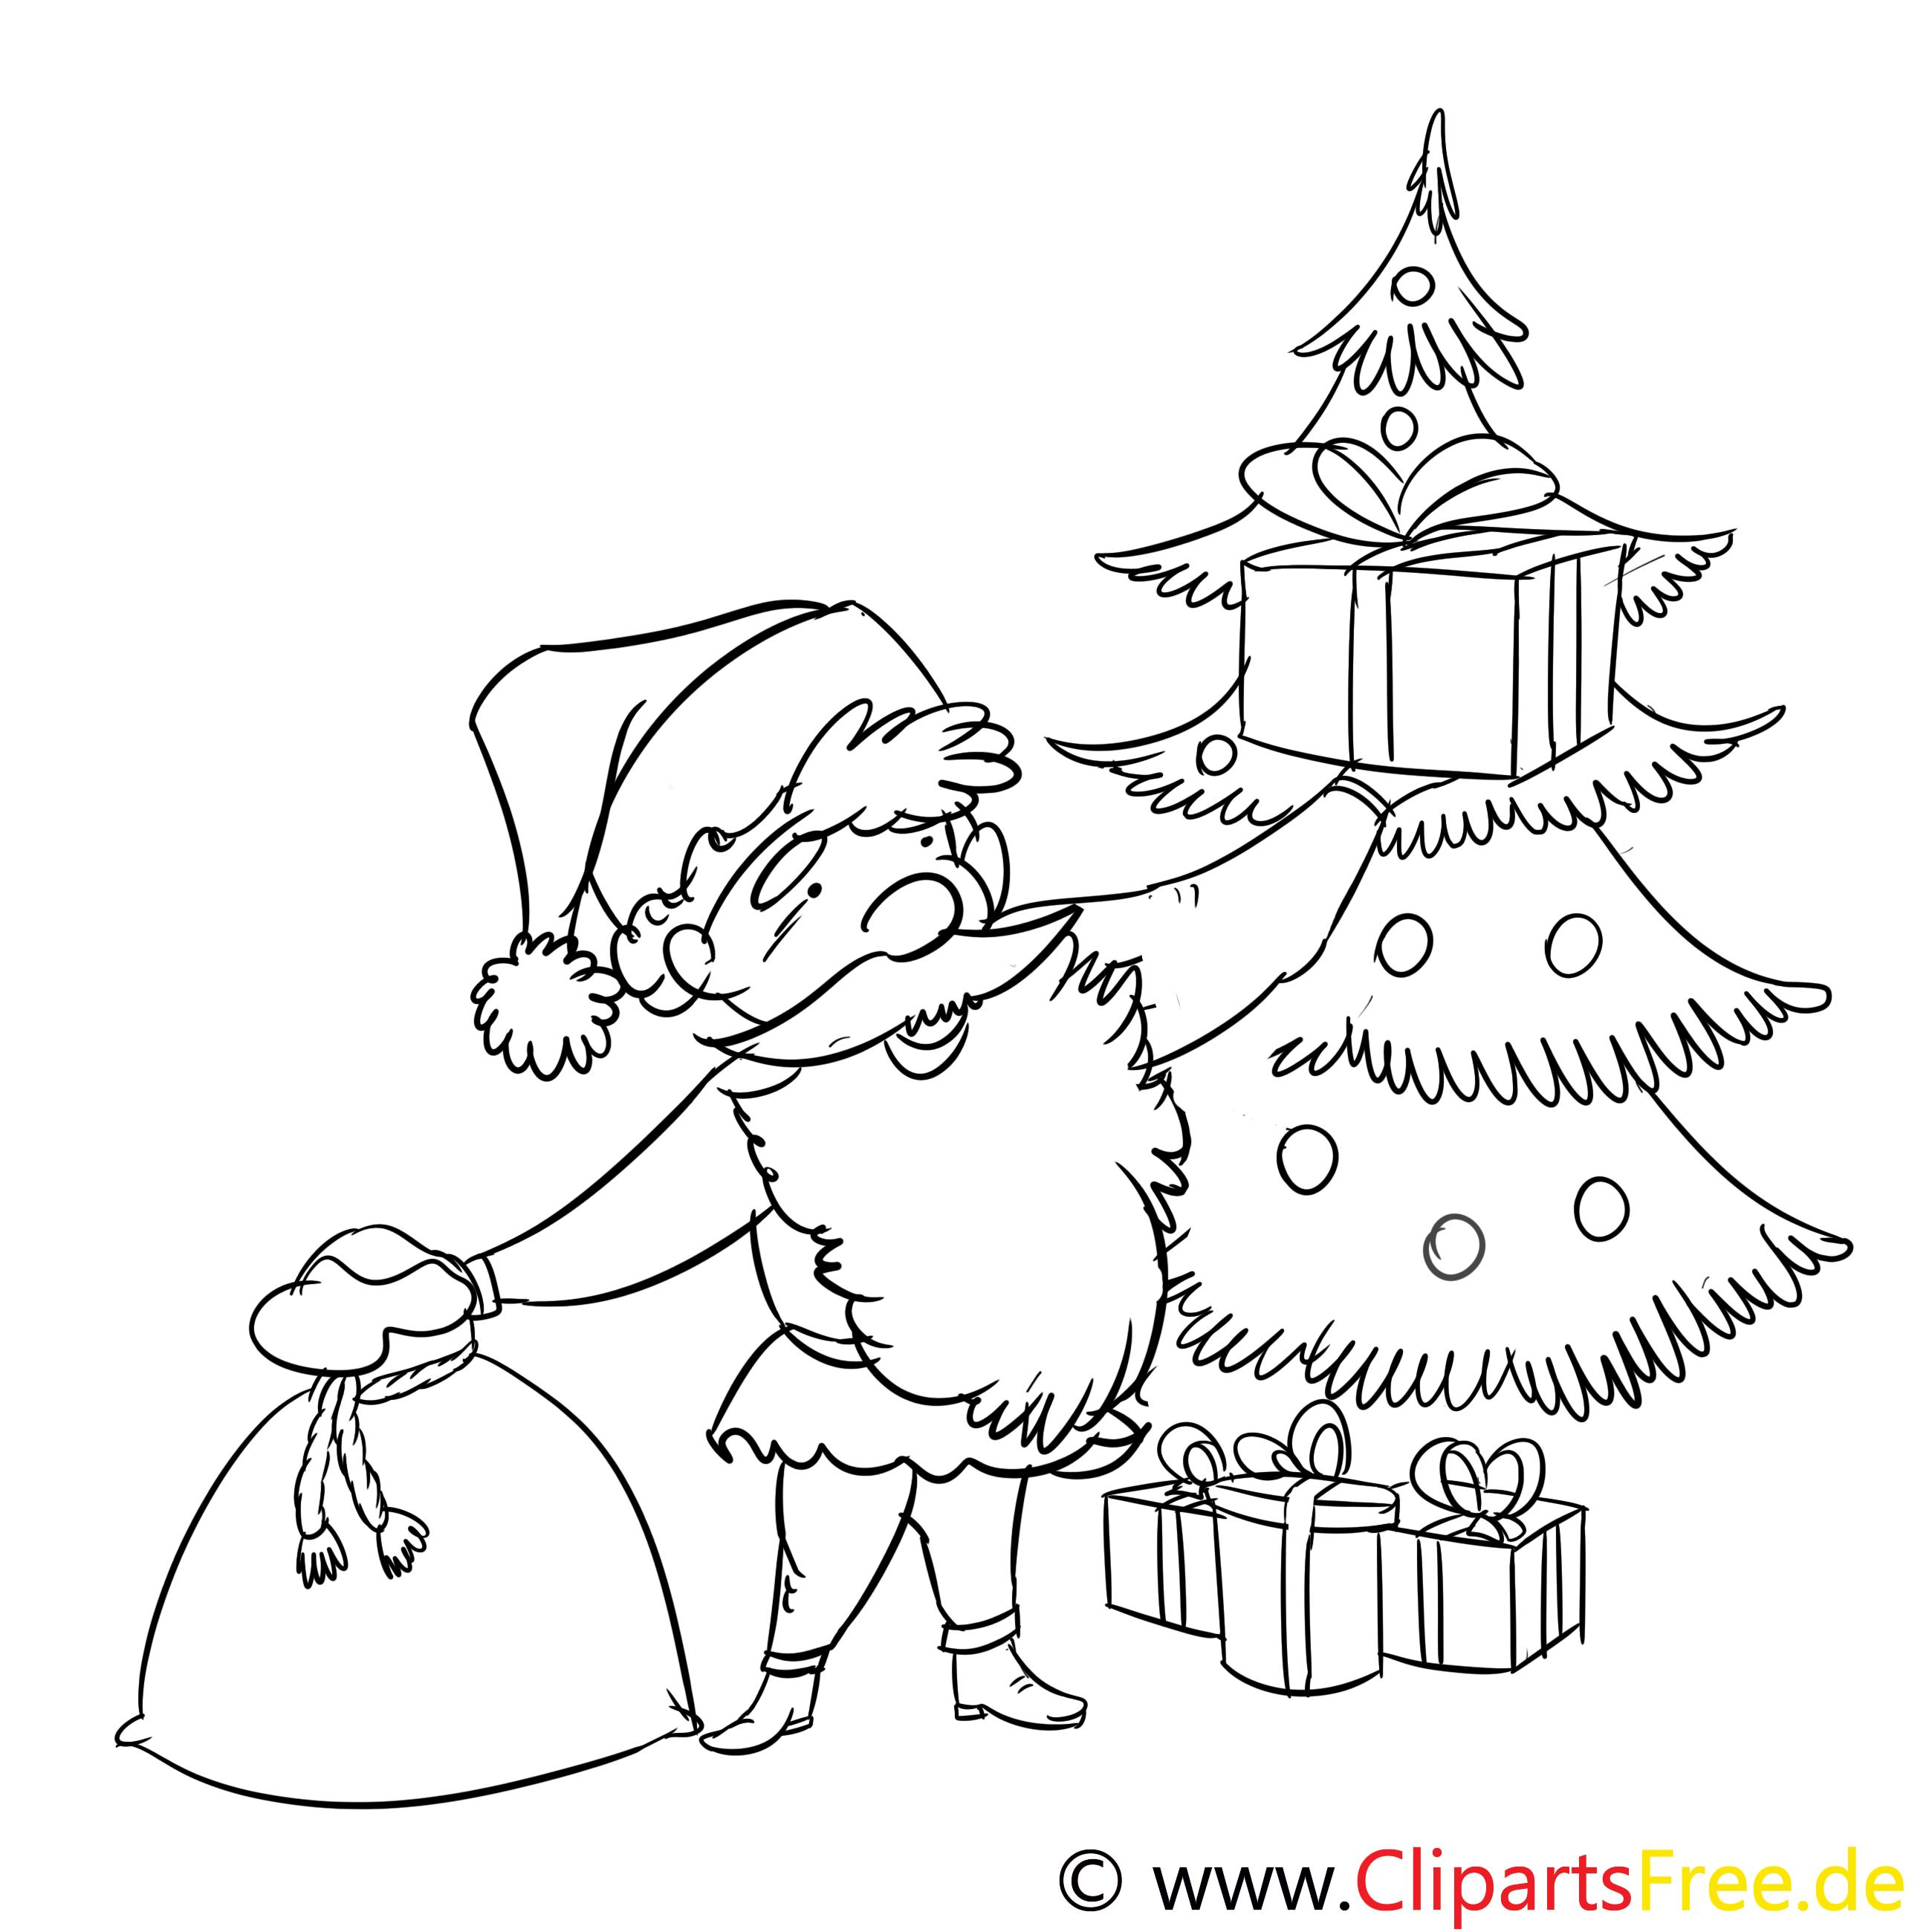 geschenk weihnachtsmannausmalbild malvorlage zum drucken